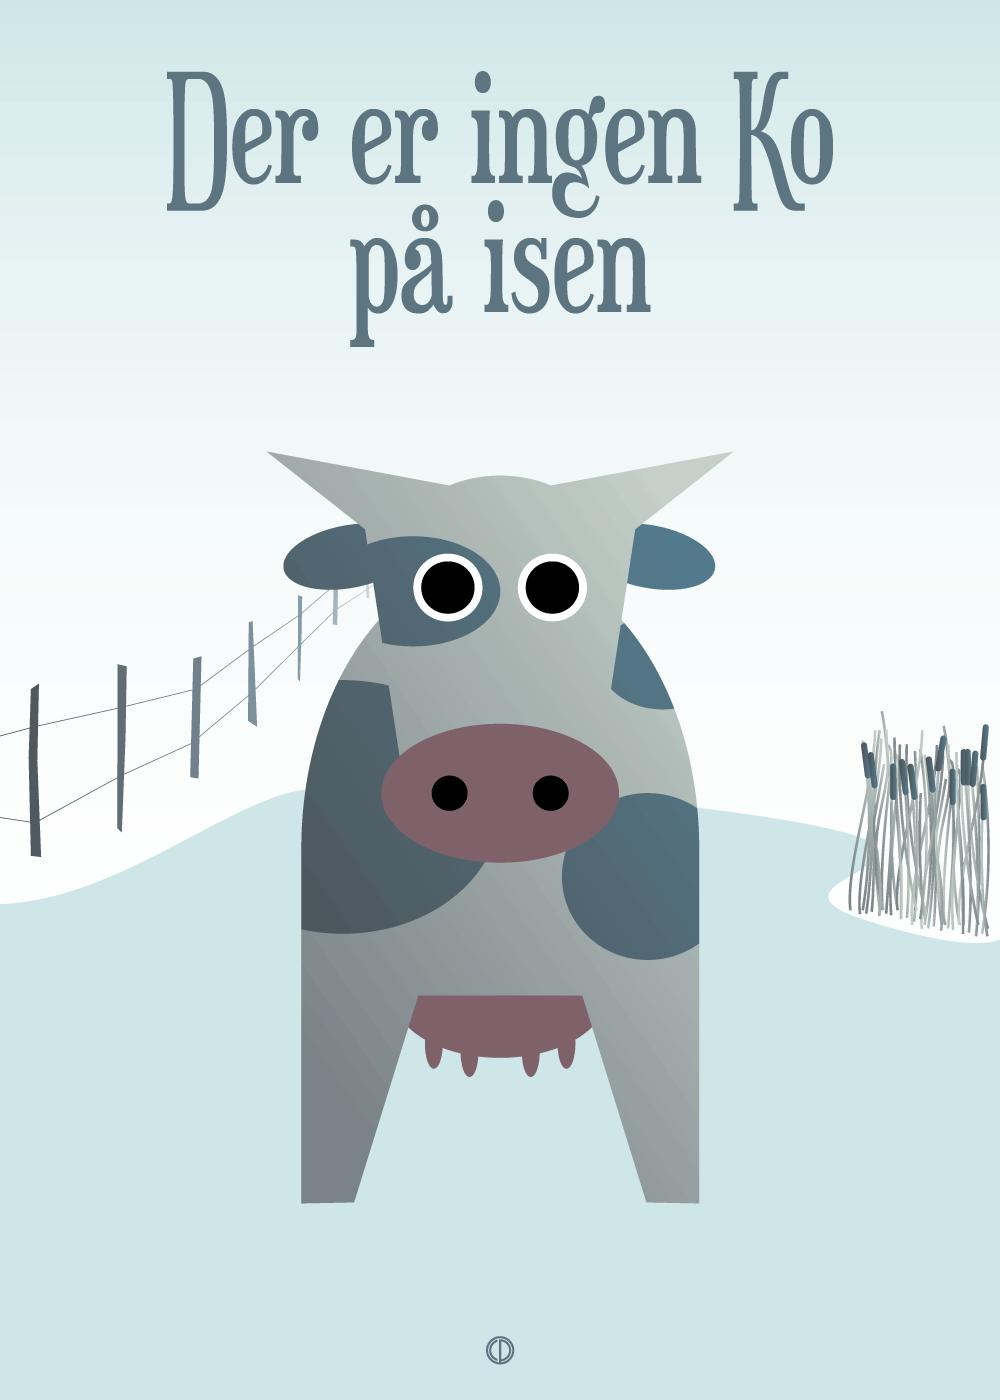 Der er ingen Ko på isen